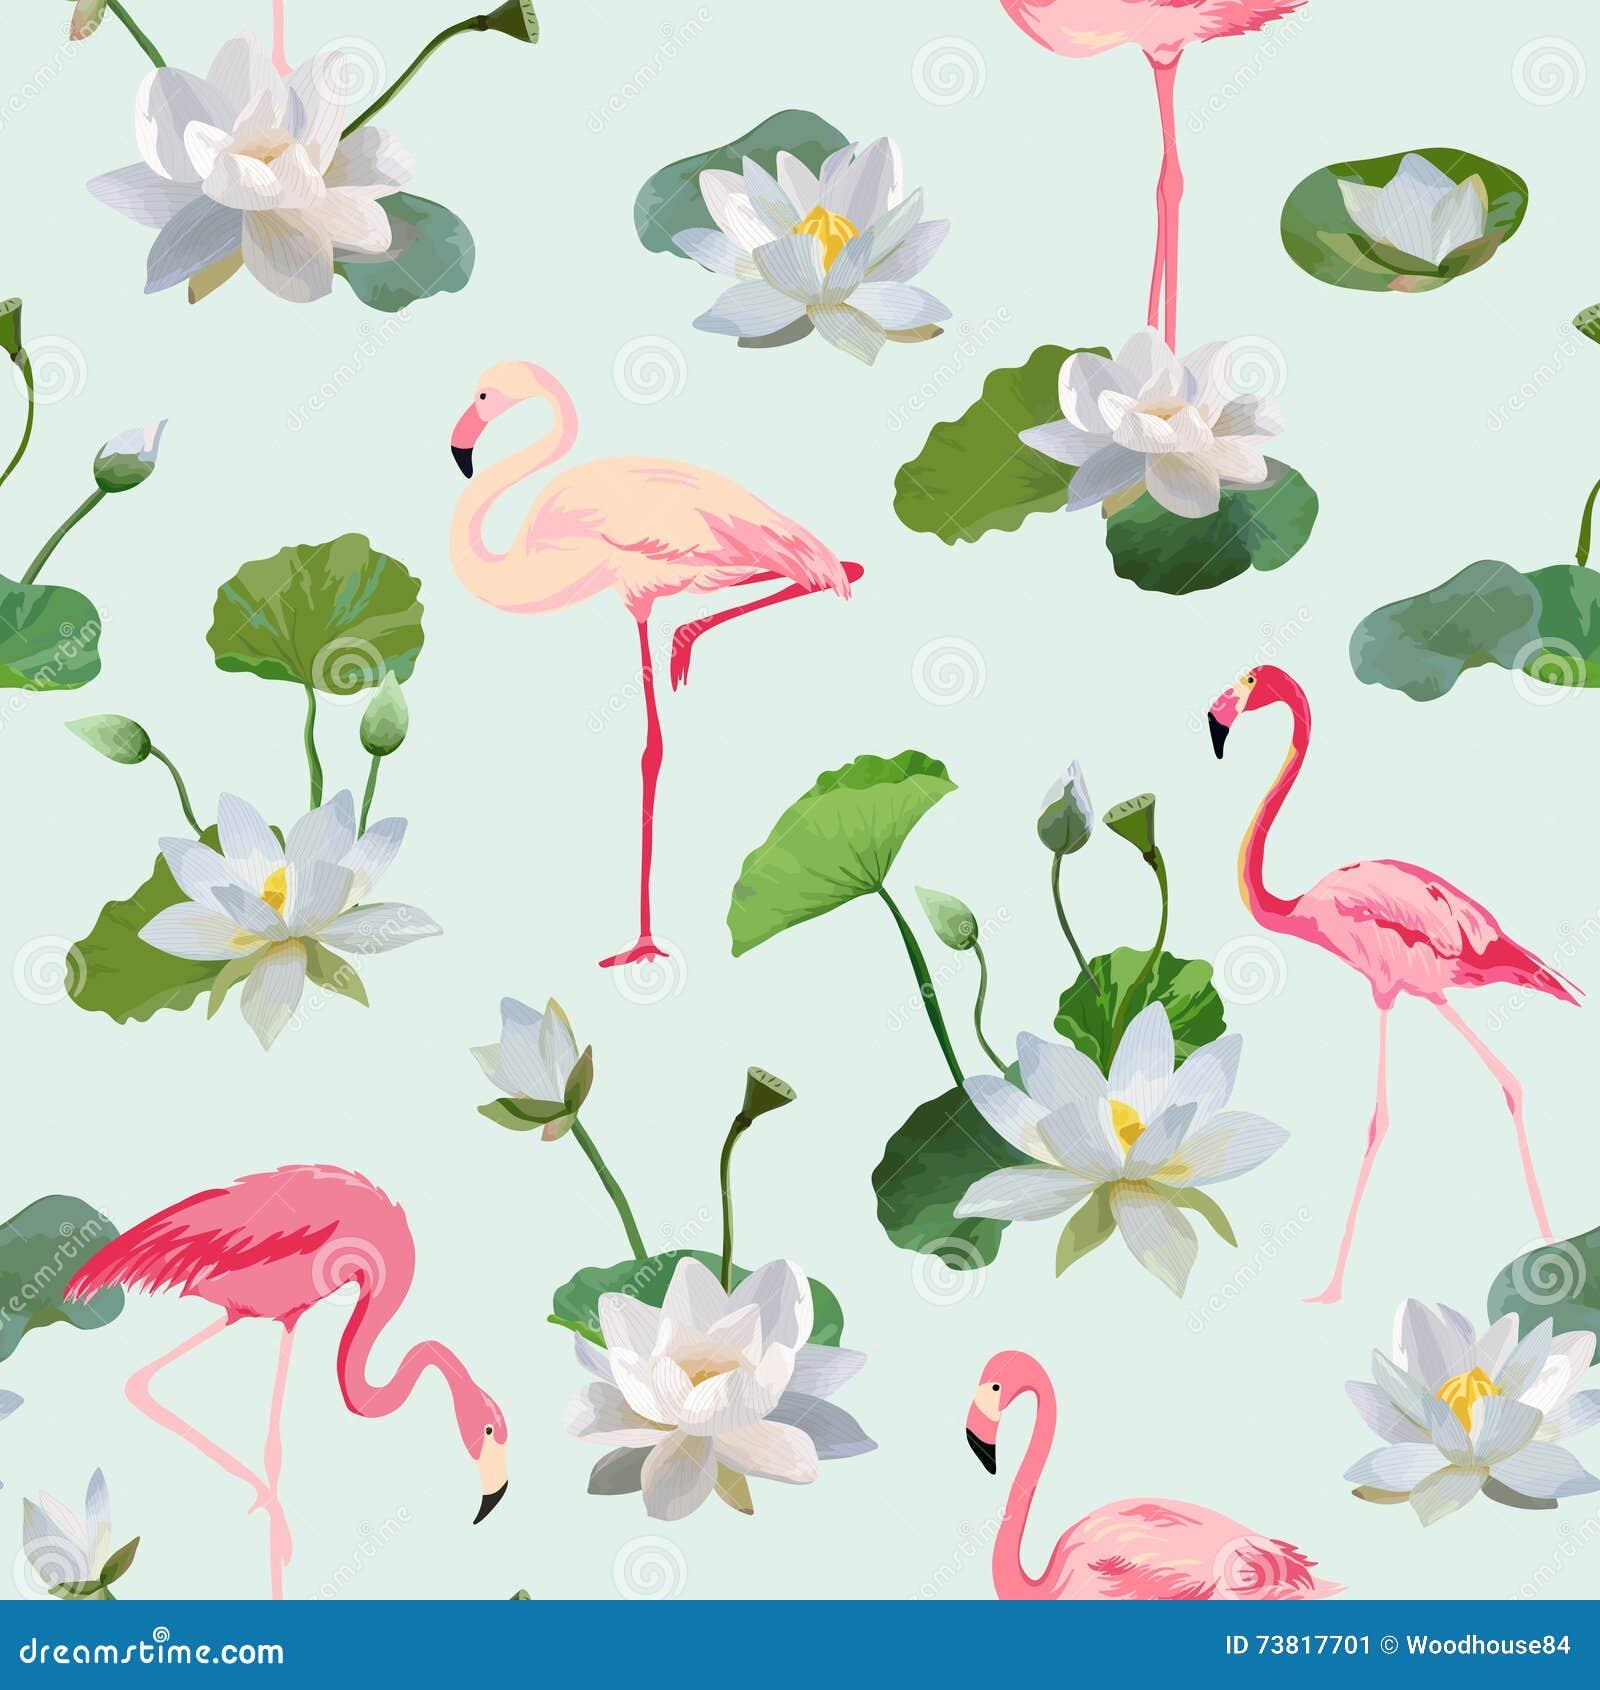 Υπόβαθρο λουλουδιών πουλιών και Waterlily φλαμίγκο αναδρομικός άνευ ραφής προτύπων